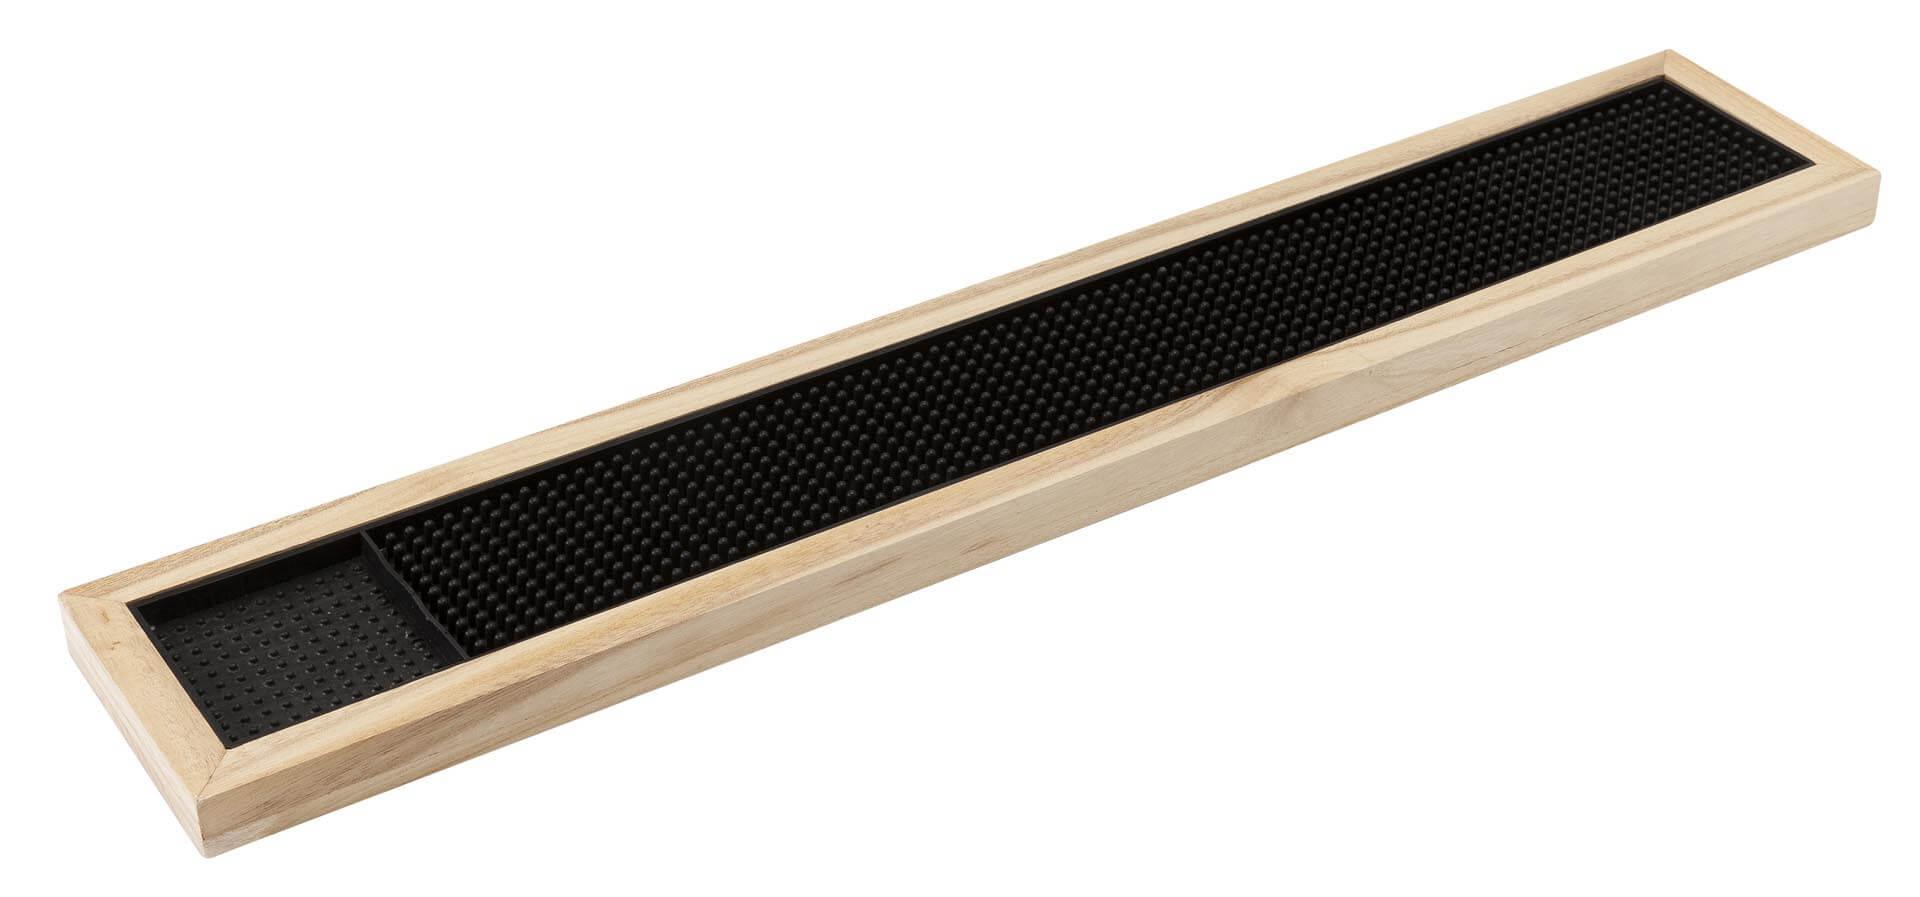 Lang-bar-måtte-med-box-træ-kant-61x8-cm-Mixmeister.dk